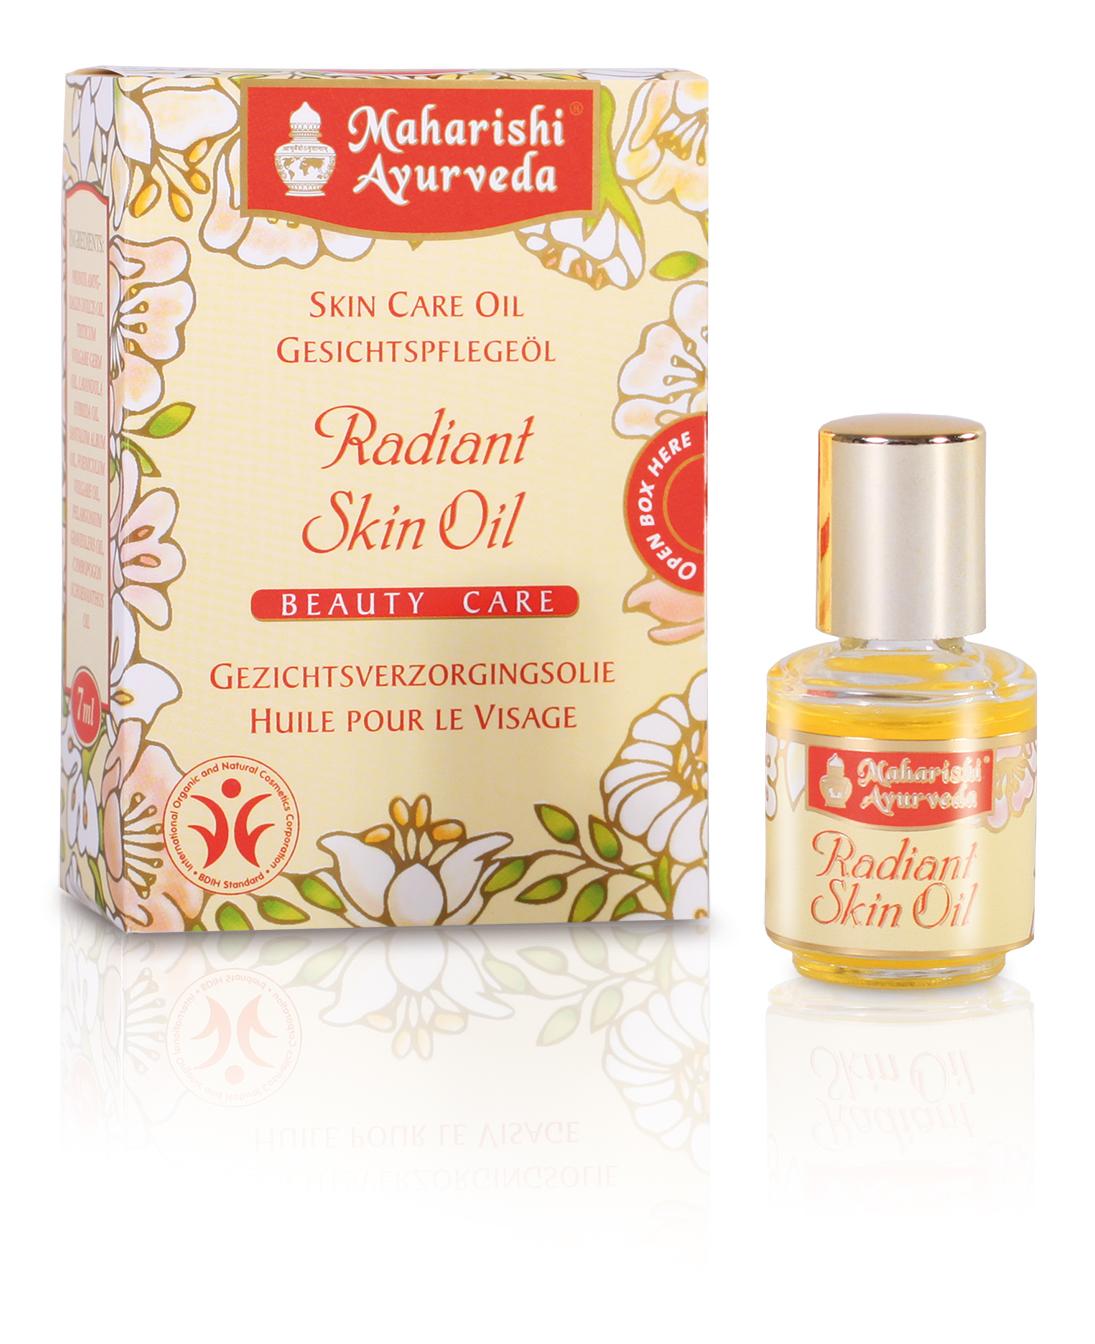 Radiant Skin Oil - Gesichtspflegeöl, 7 ml